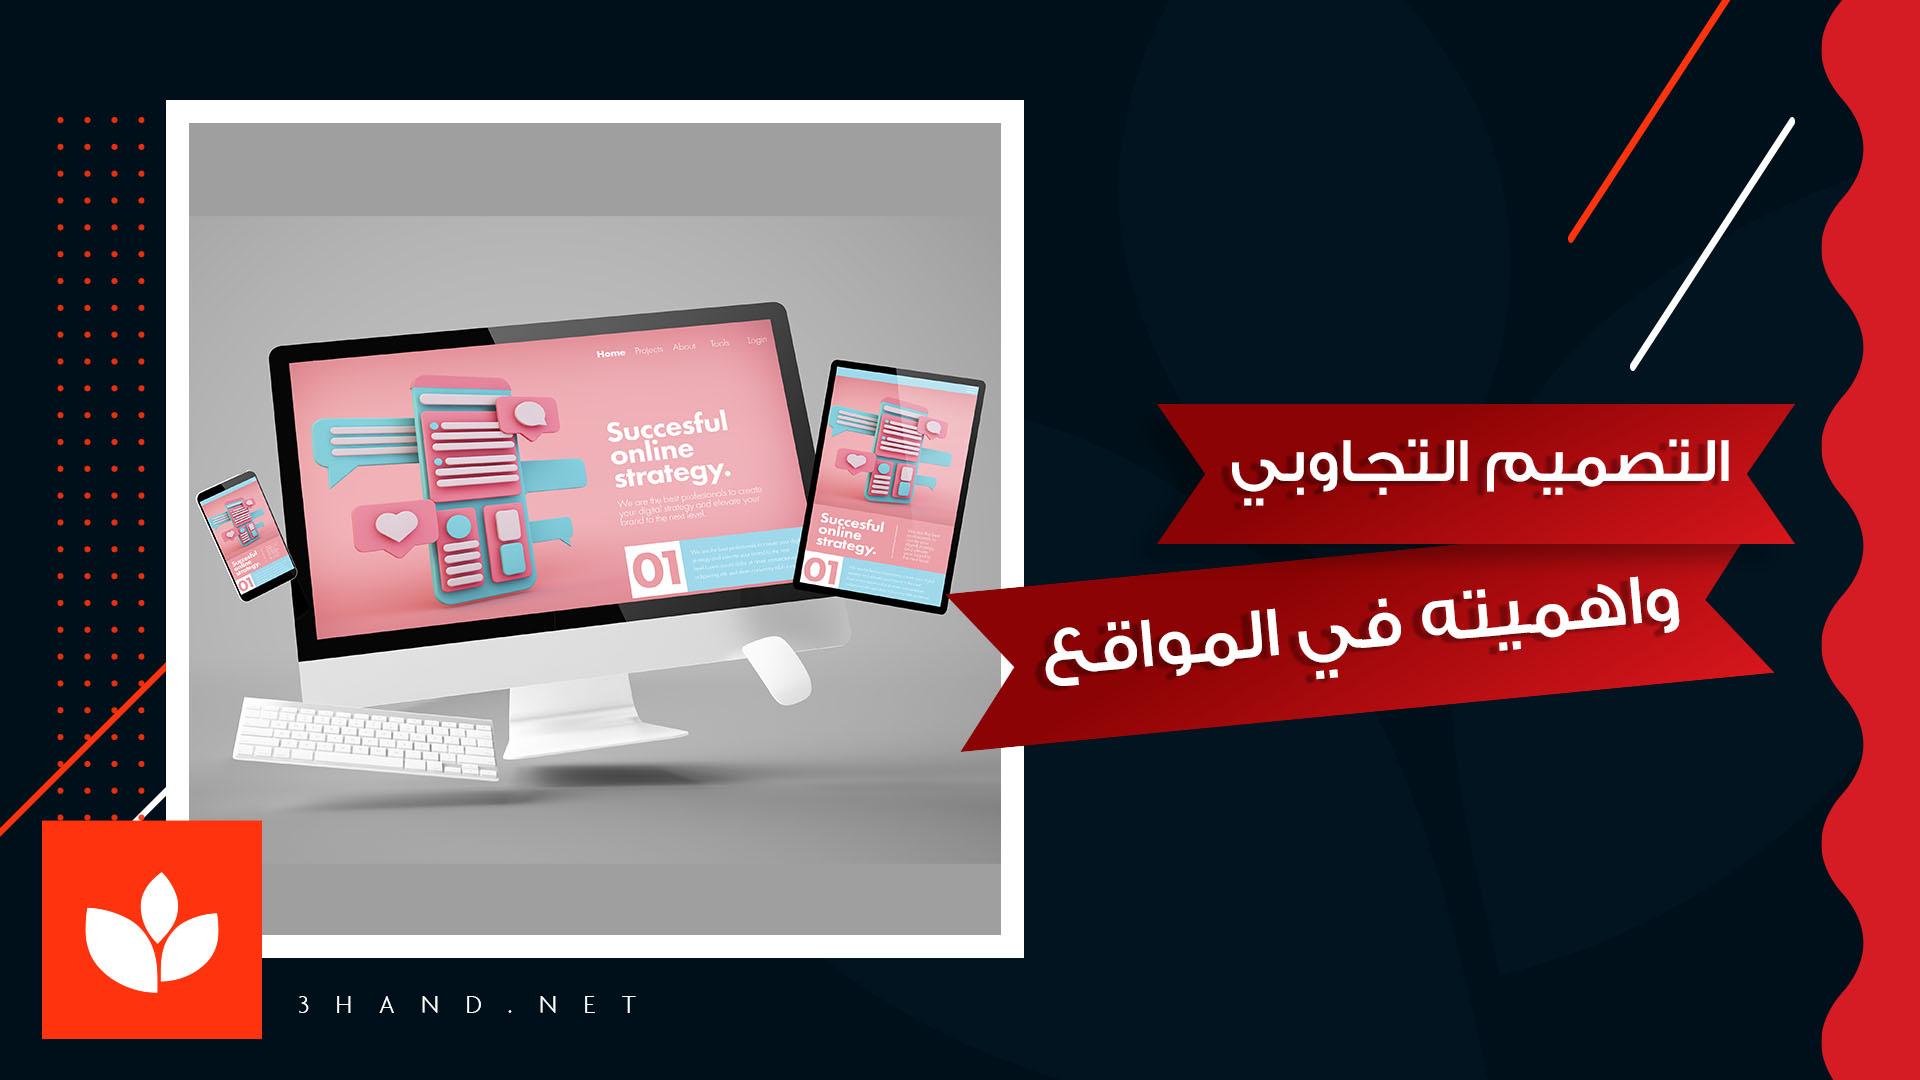 التصميم التجاوبي واهميته في تصميم وانشاء الموقع الالكتروني